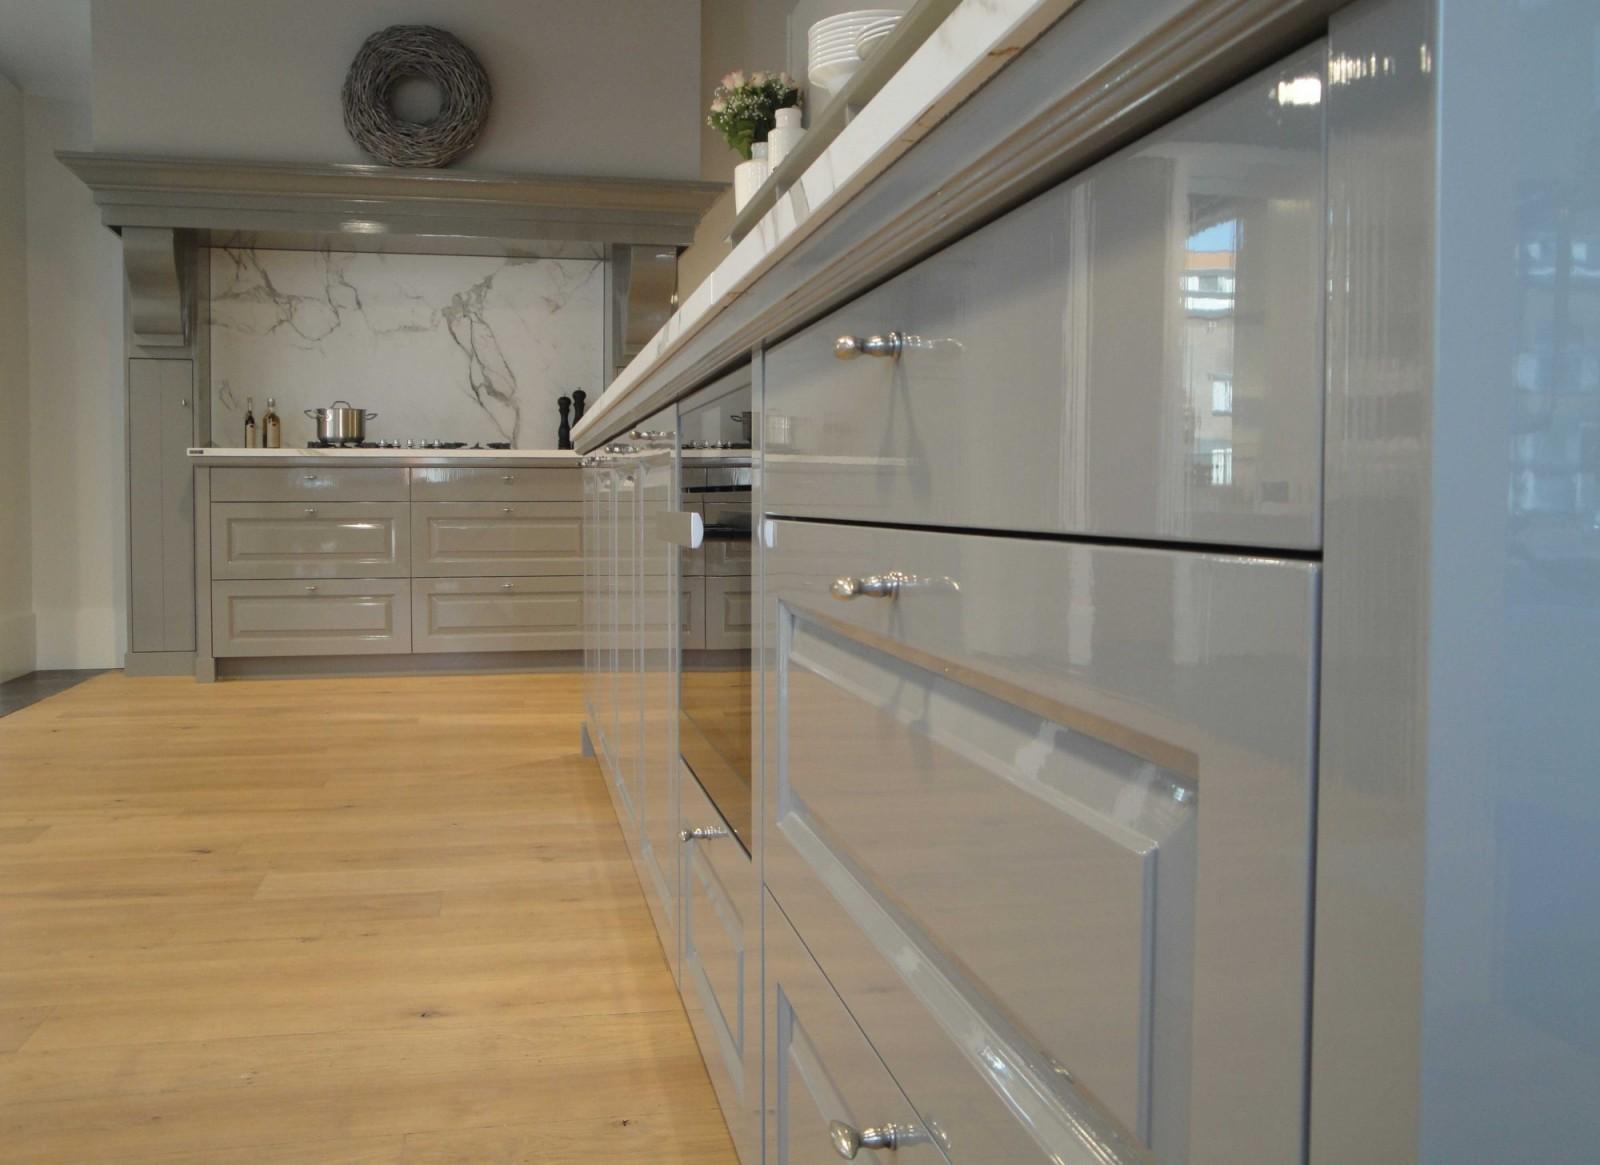 ... strijklak-fronten-handgemaakte-keuken,-keukens-op-maat-Apeldoorn-JACOB